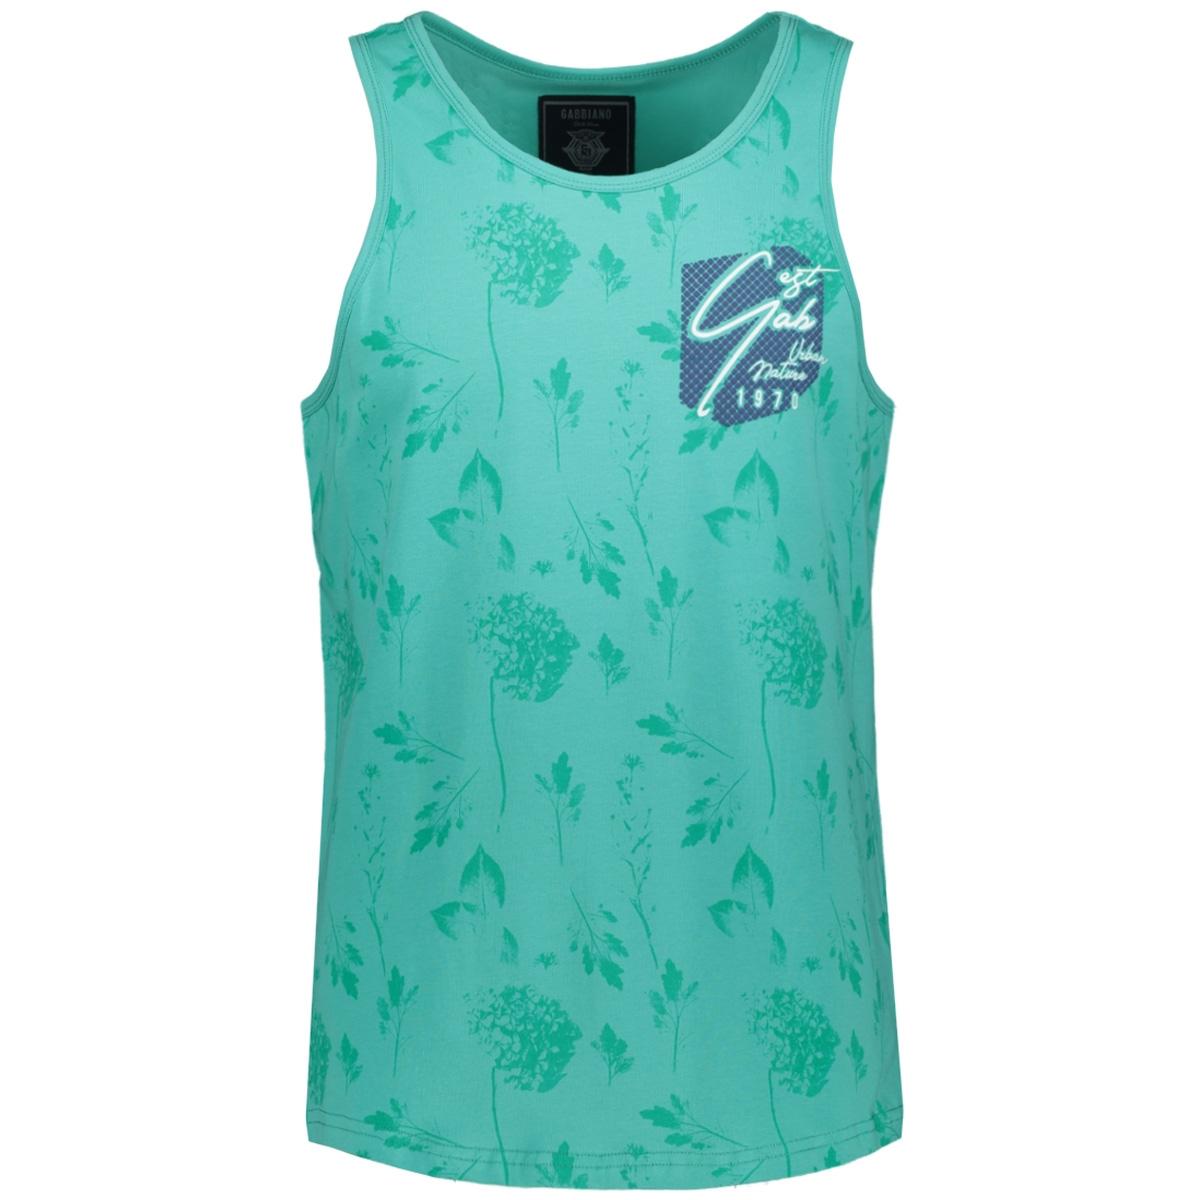 singlet 15152 gabbiano t-shirt mint